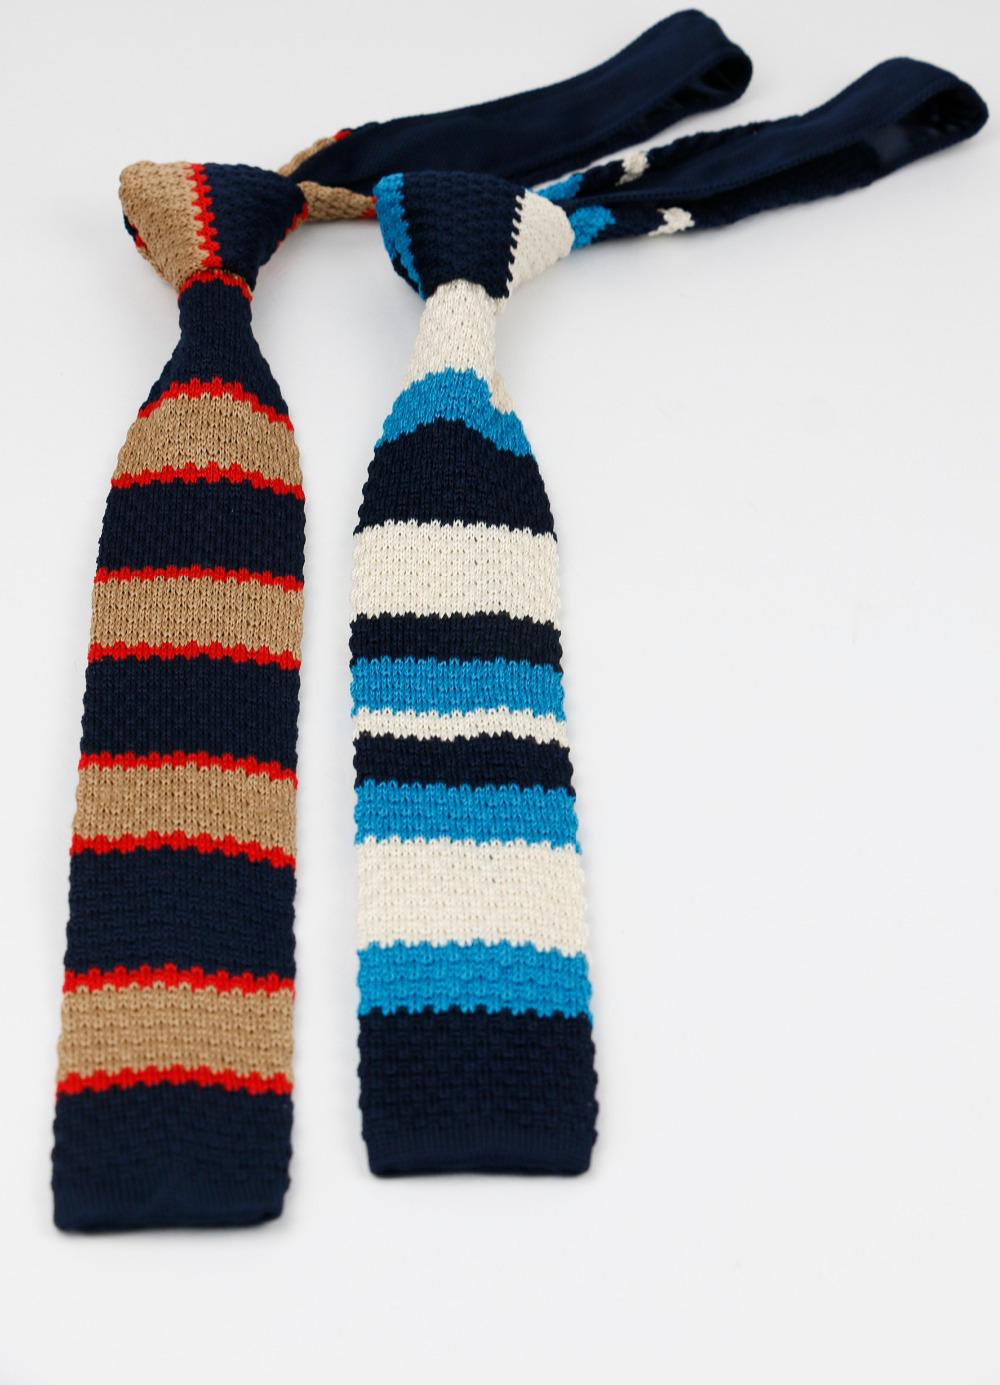 Мужской вязаный вязать отдых полосатые галстуки мода тощий узкие тонкий галстуков для мужчин тощий дизайнер галстук